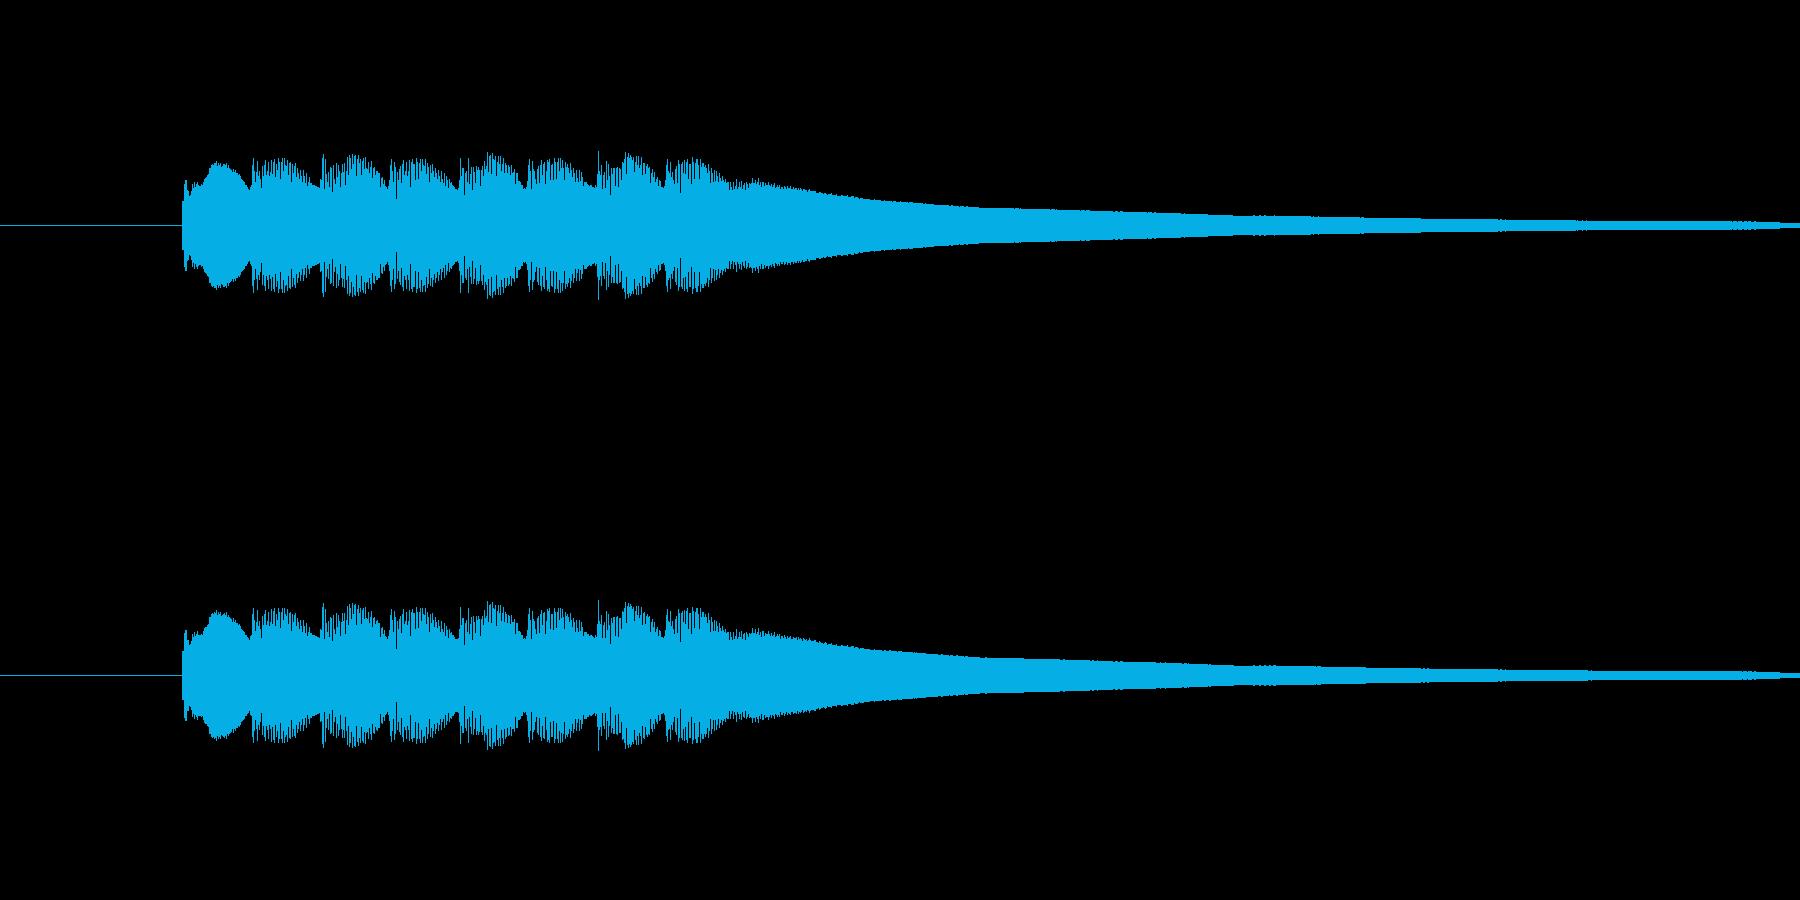 ピンポンピンポンピンポンピンポンという音の再生済みの波形